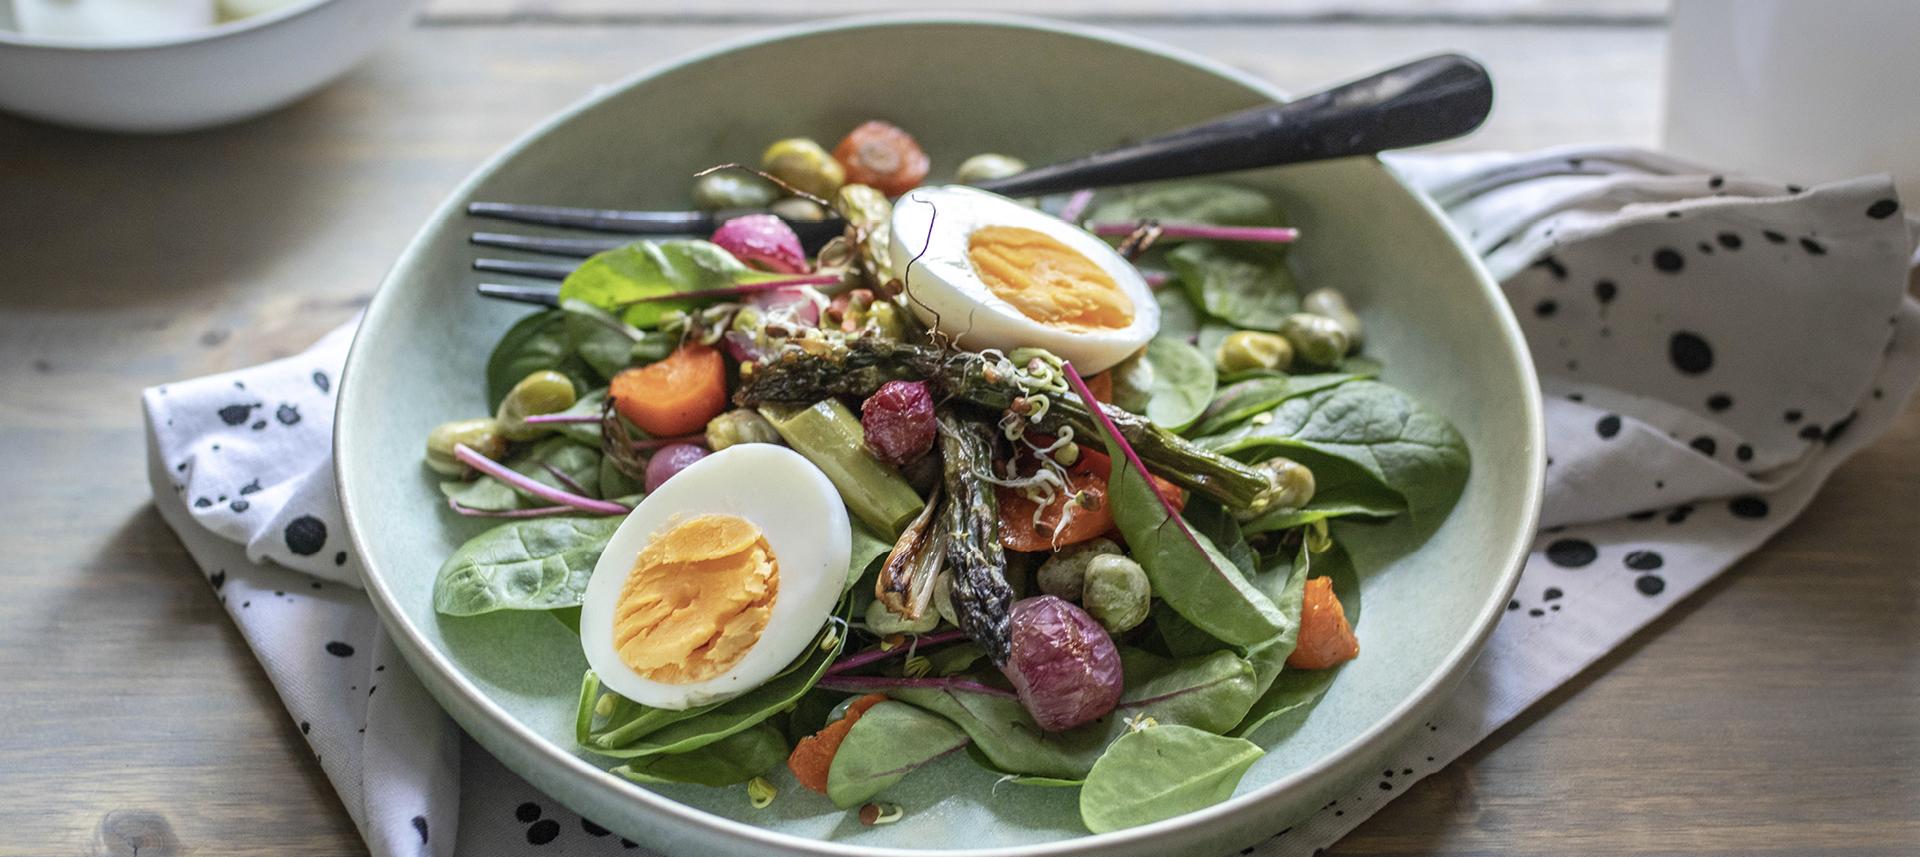 Salata od pecenog povrcca i kuhanih jaja.jpg